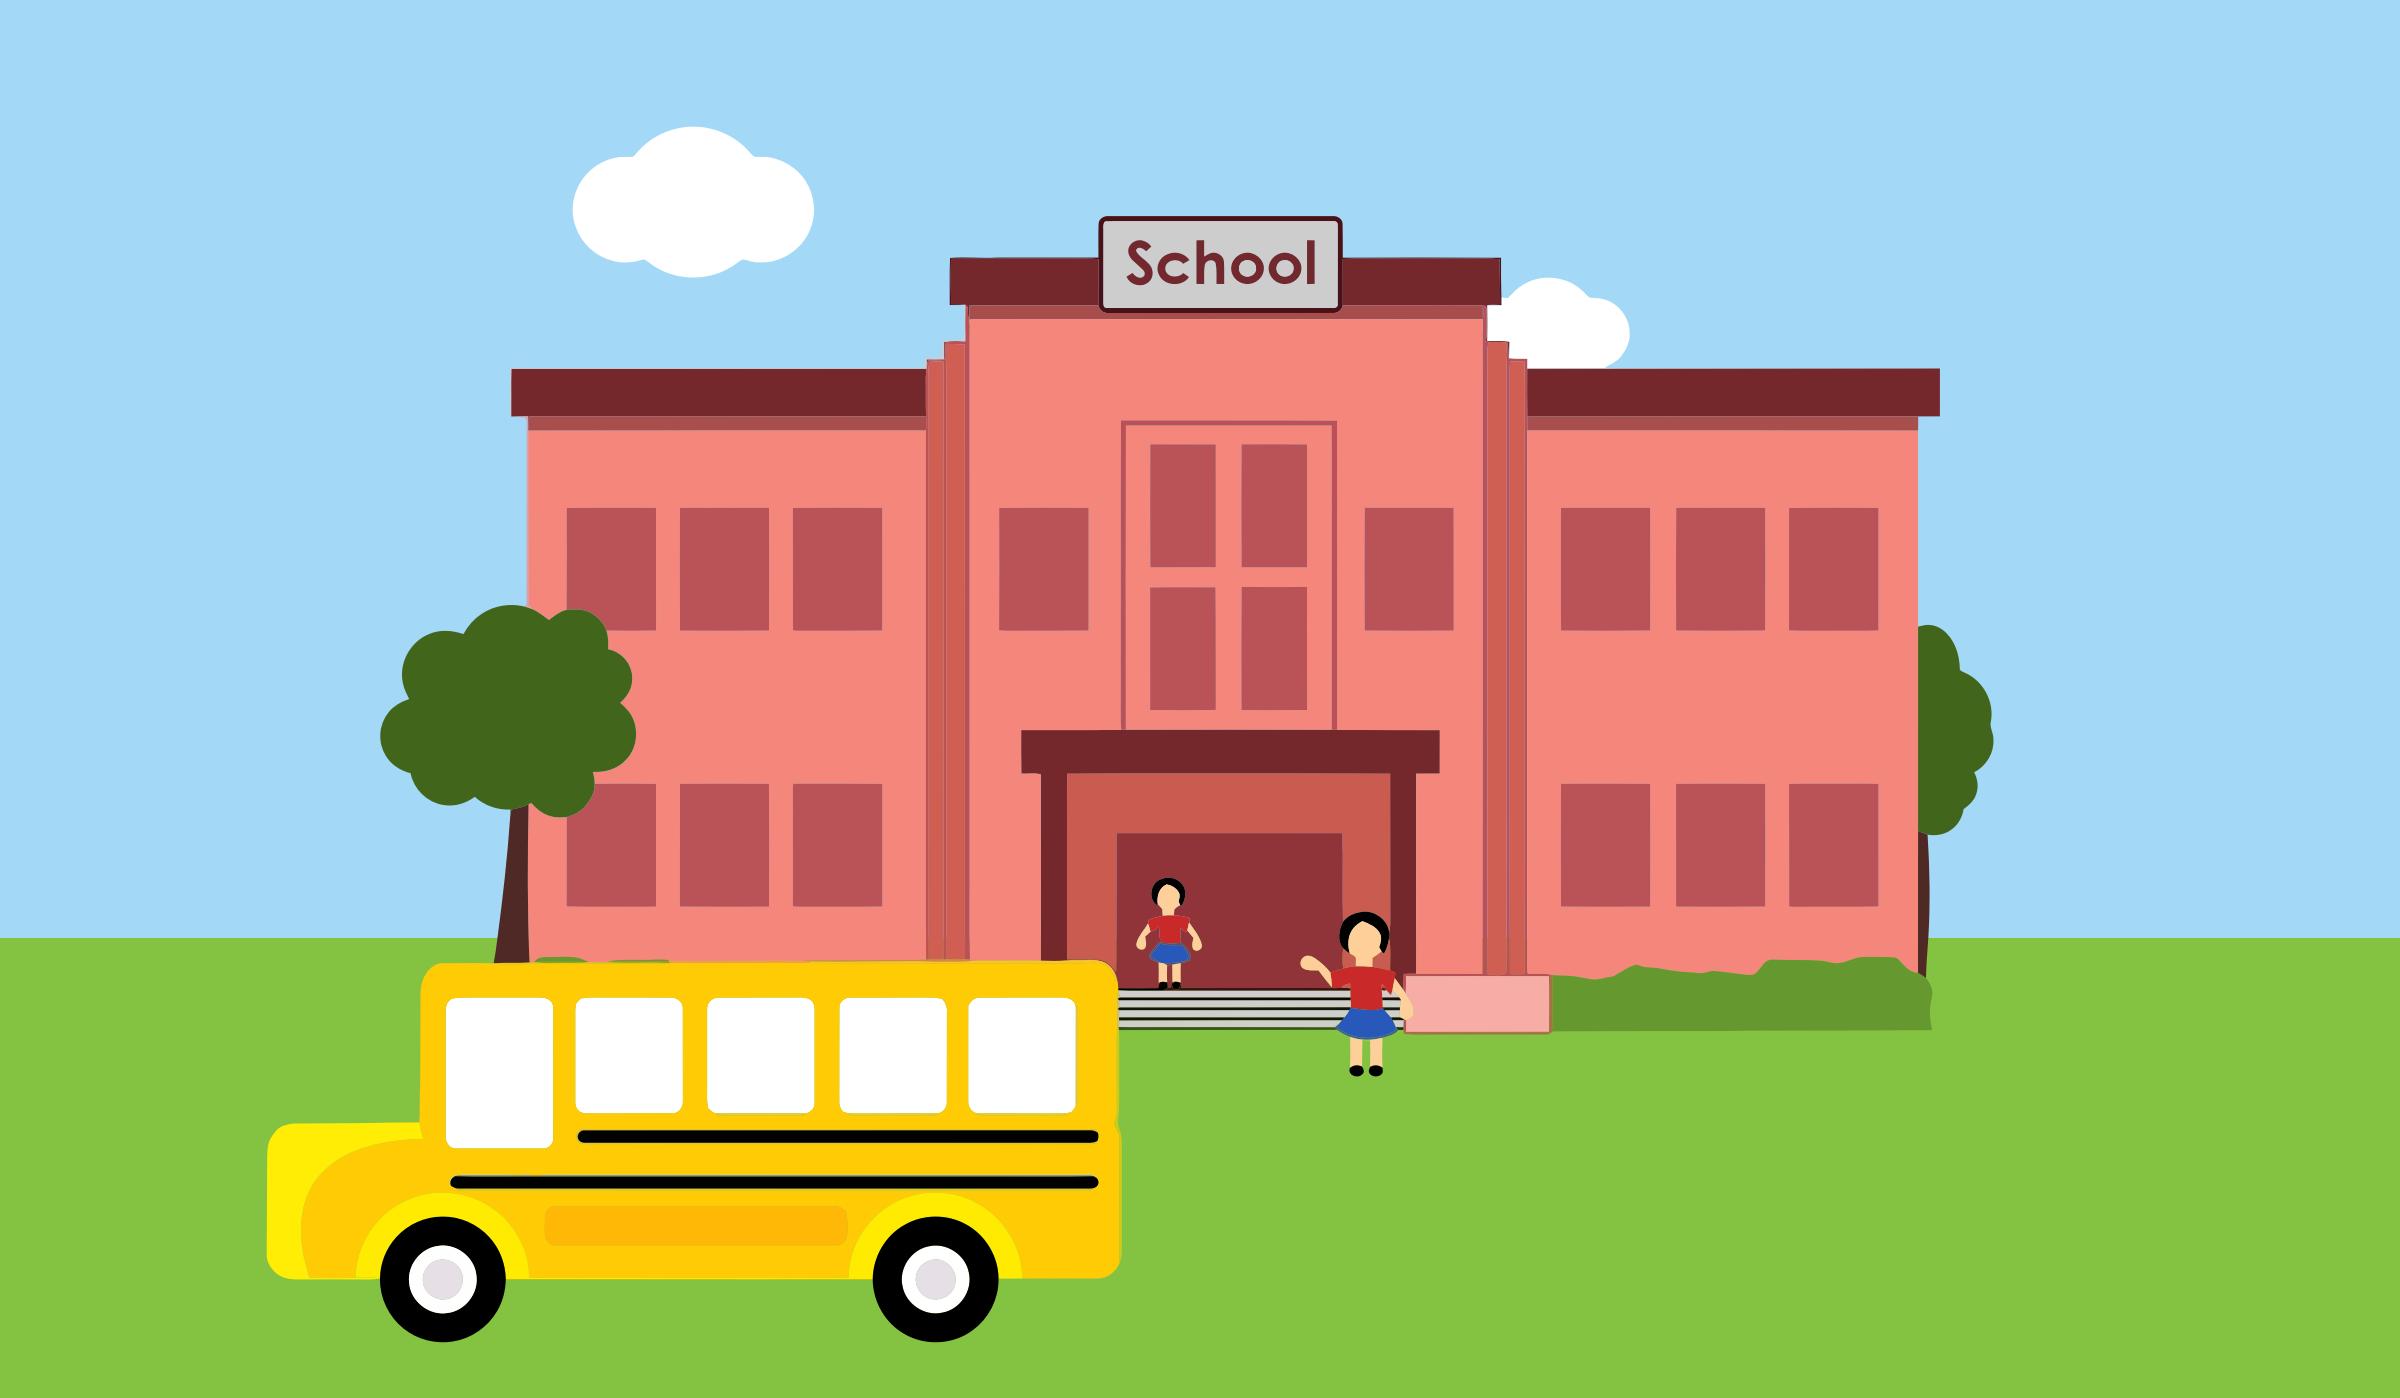 clipart school rh openclipart org schools clipart login password school clipart children